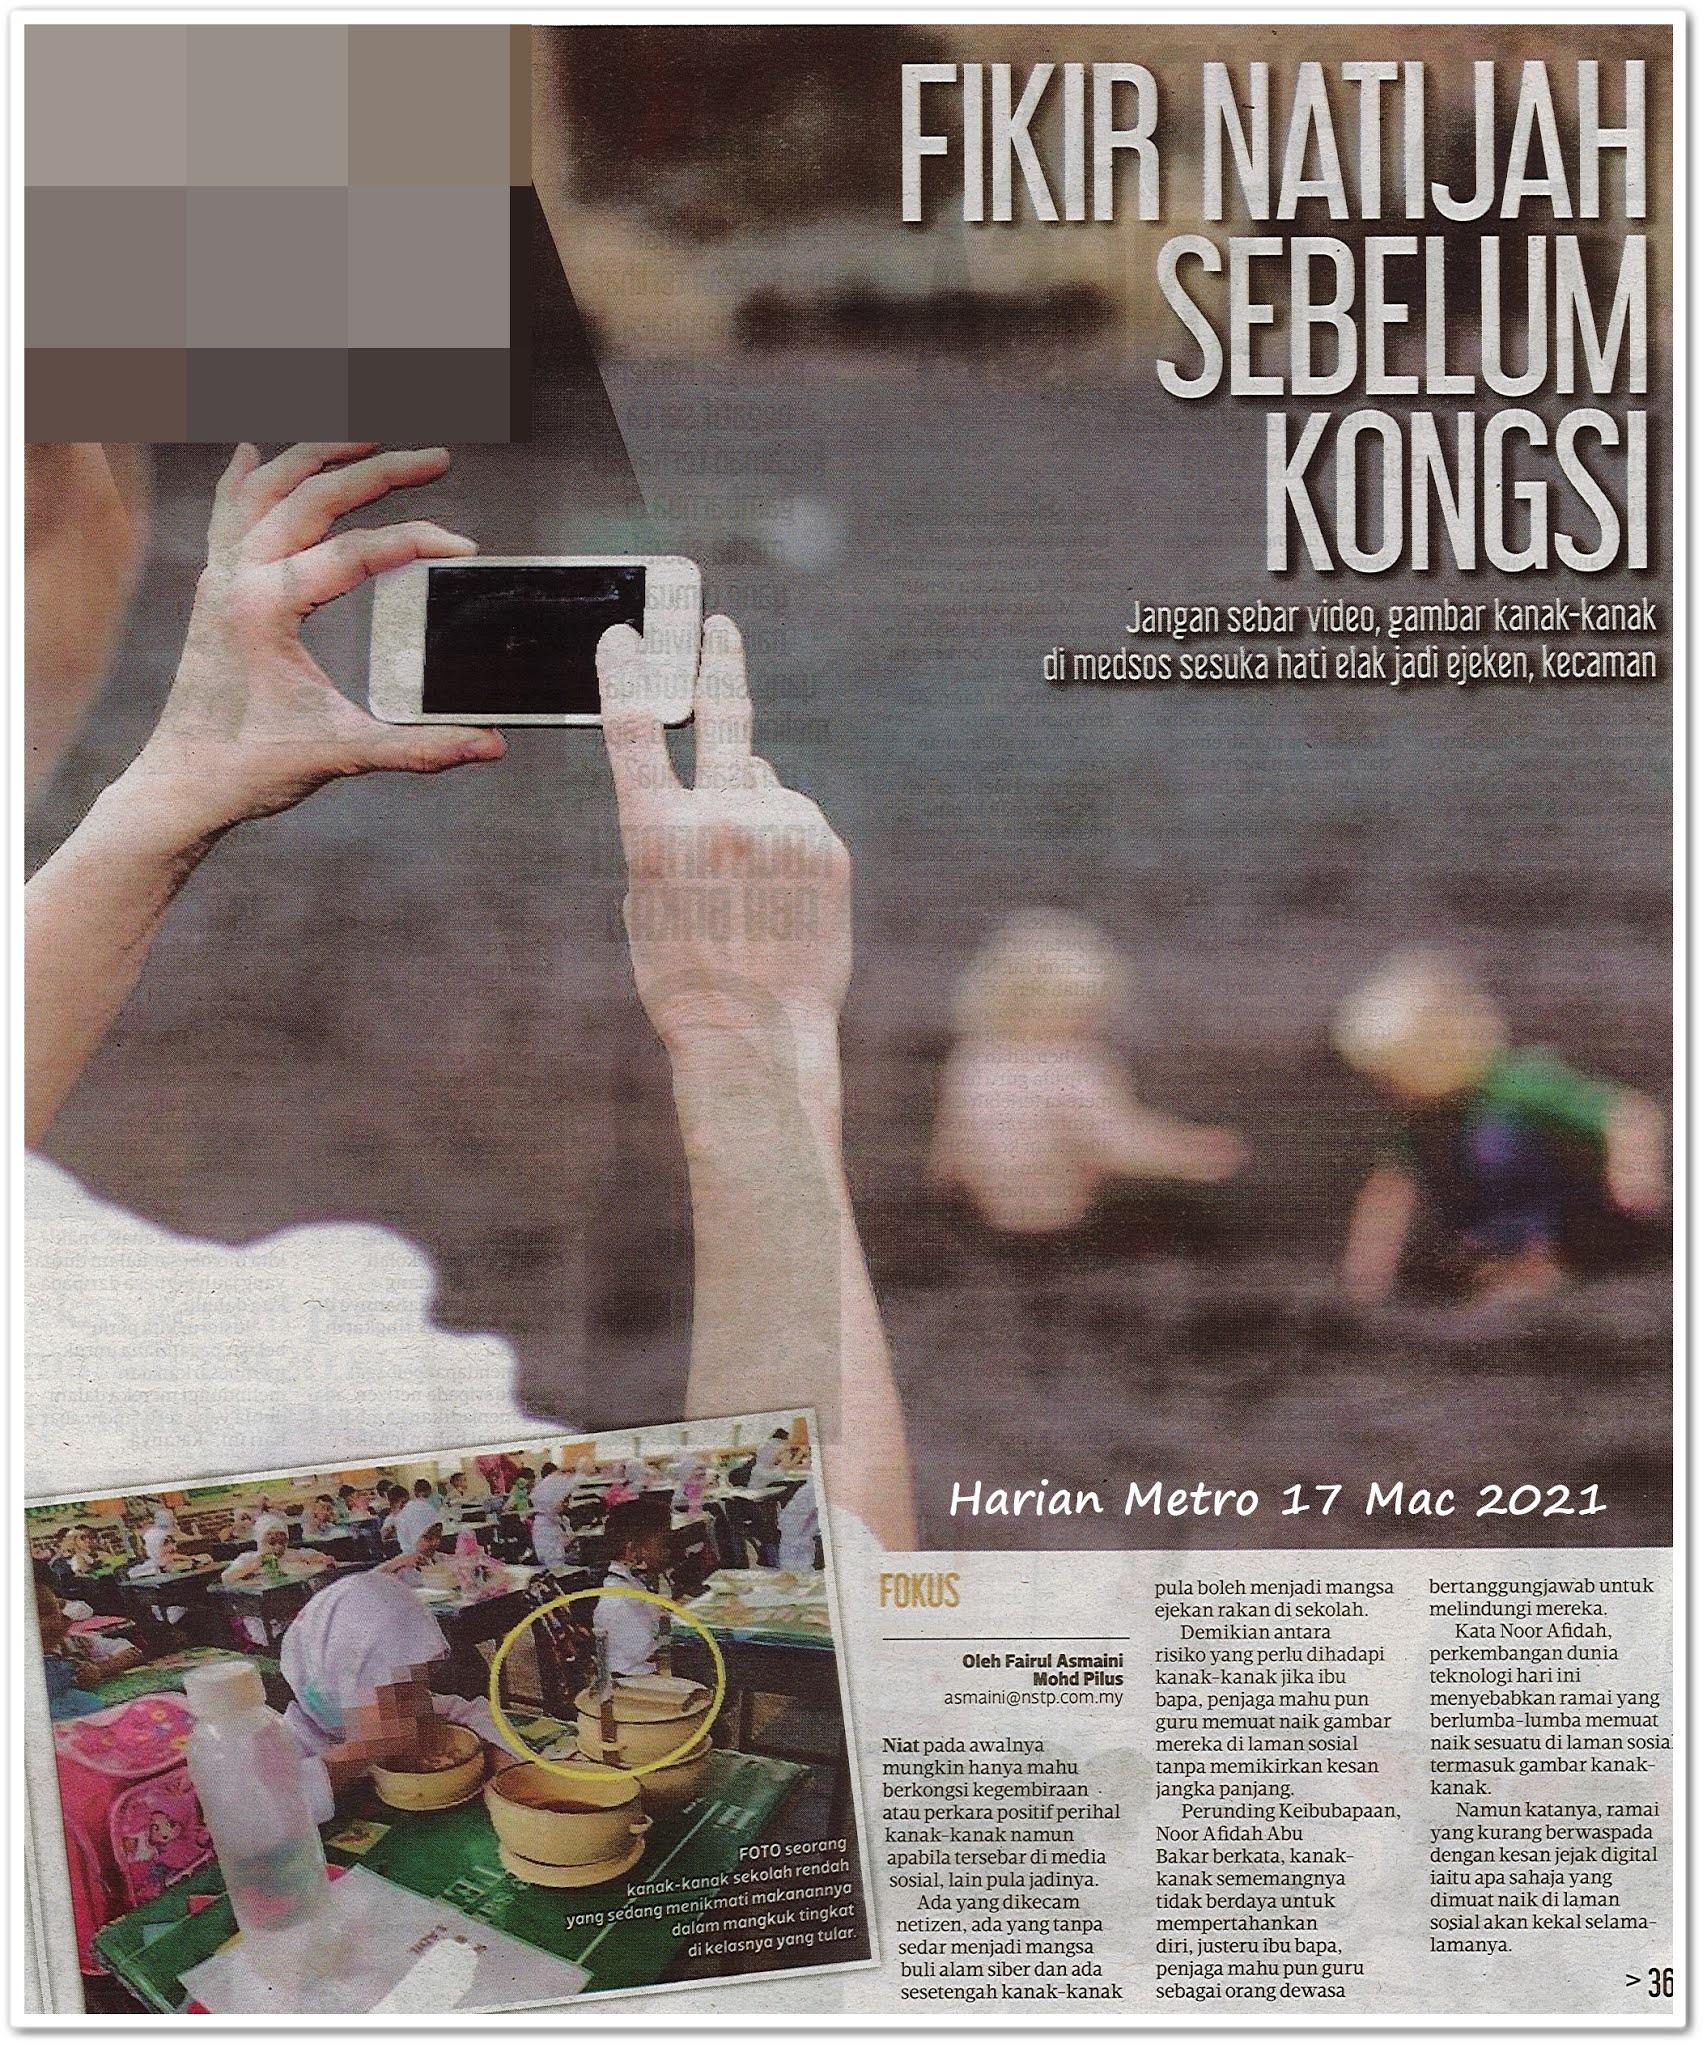 Fikir natijah sebelum kongsi - Keratan akhbar Harian Metro 17 Mac 2021